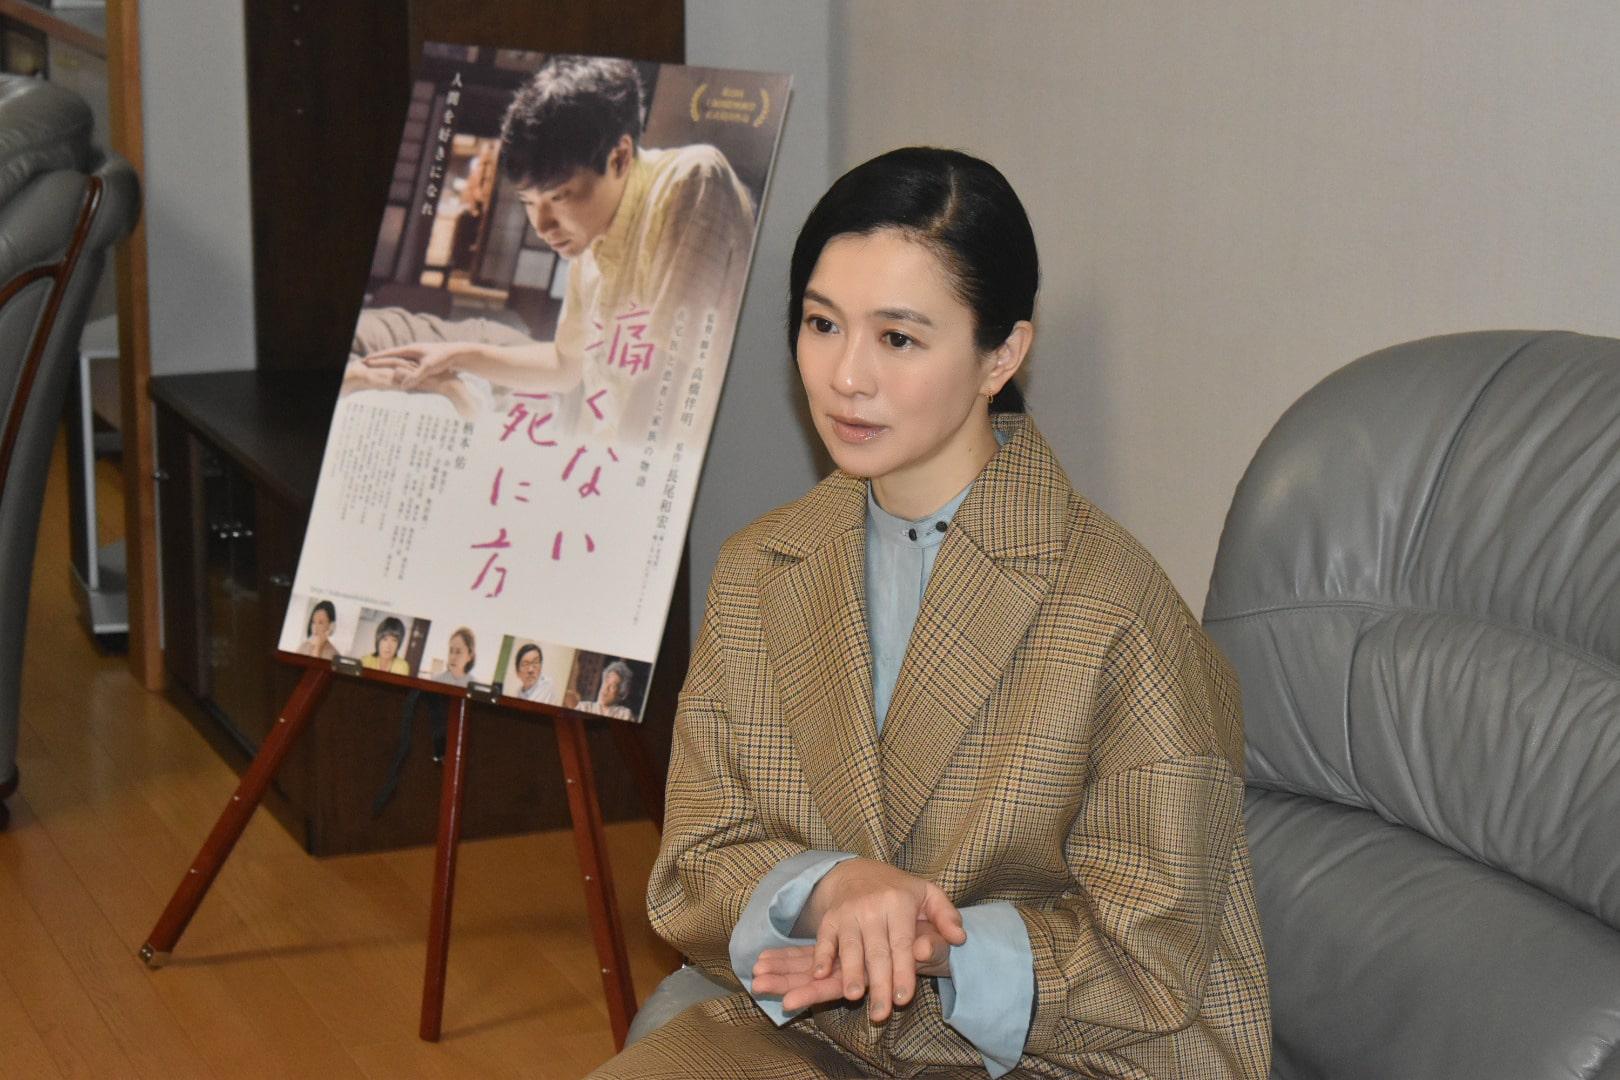 『痛くない死に方』坂井真紀インタビュー